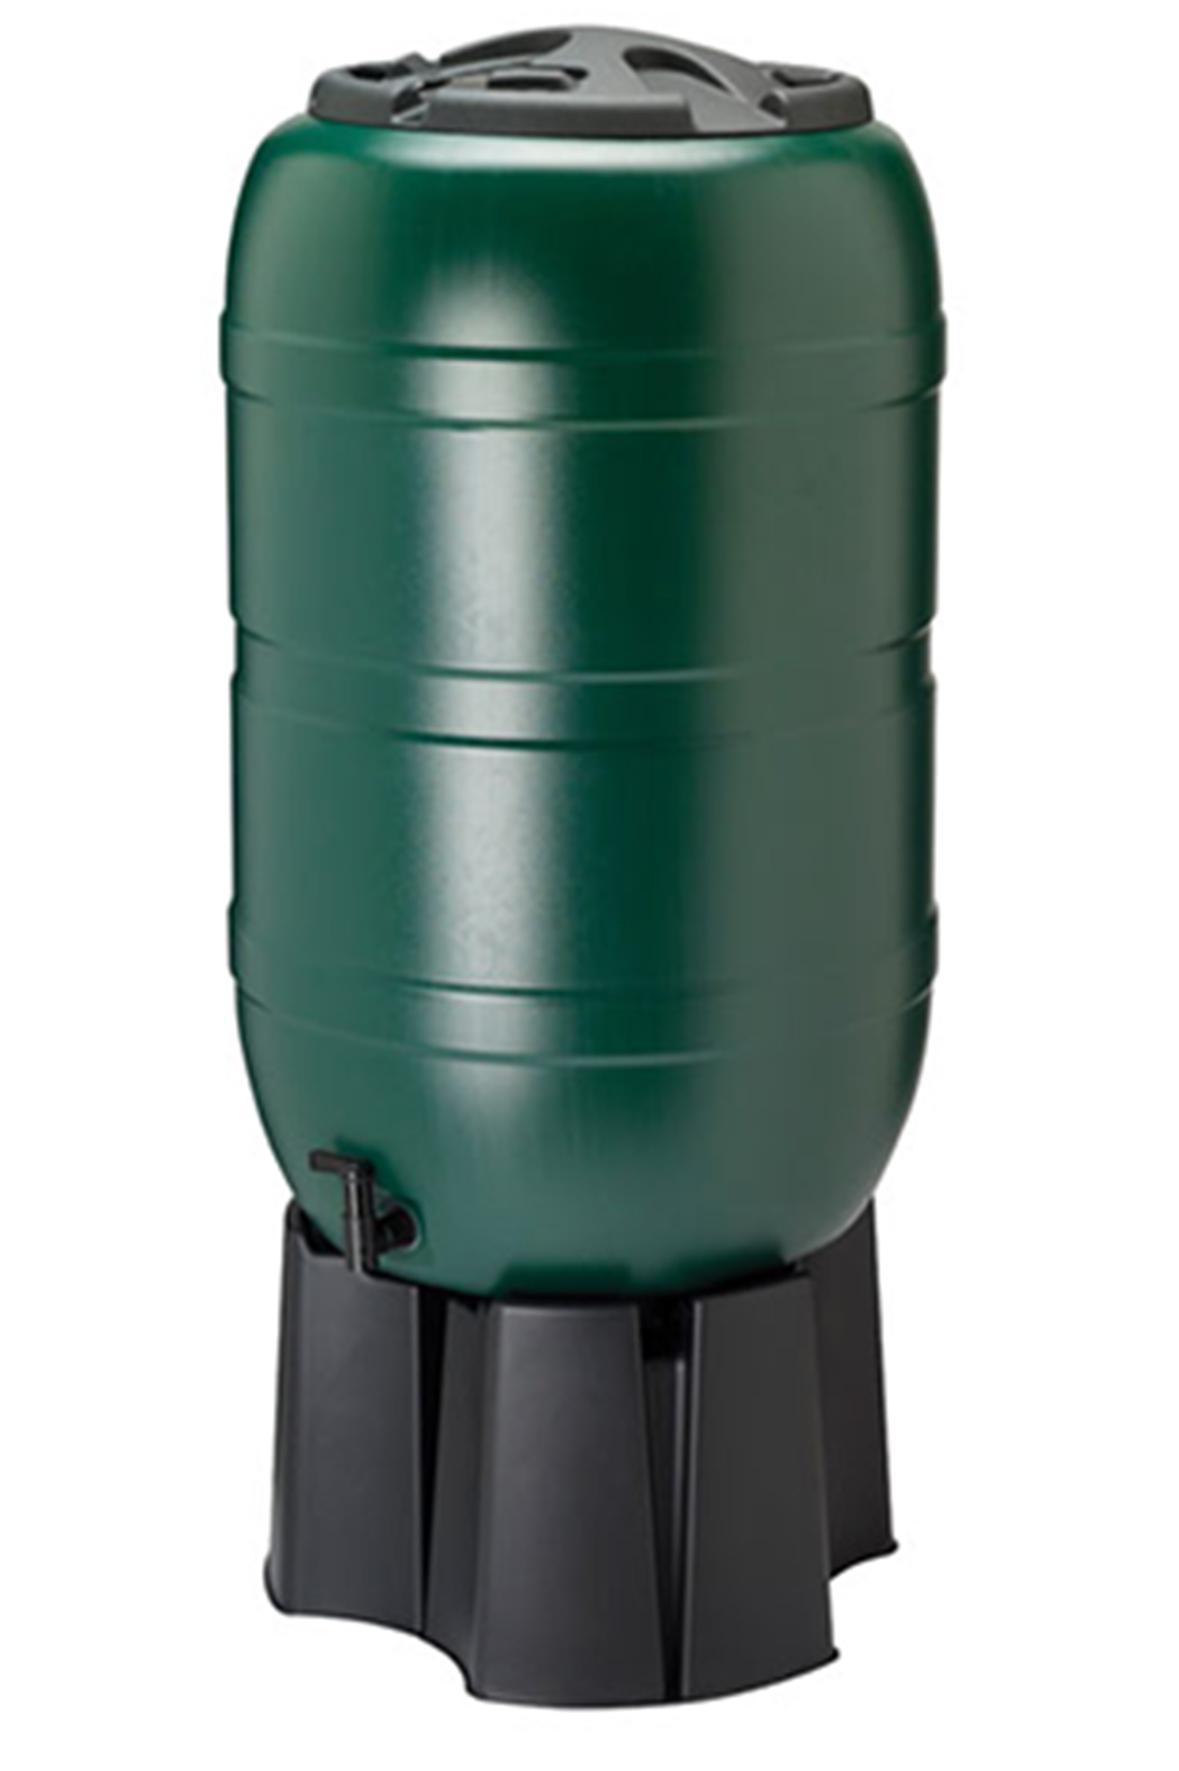 Tonneau 210l kit avec accessoires achat en ligne ou dans notre magasin - Achat tonneau bassin colombes ...